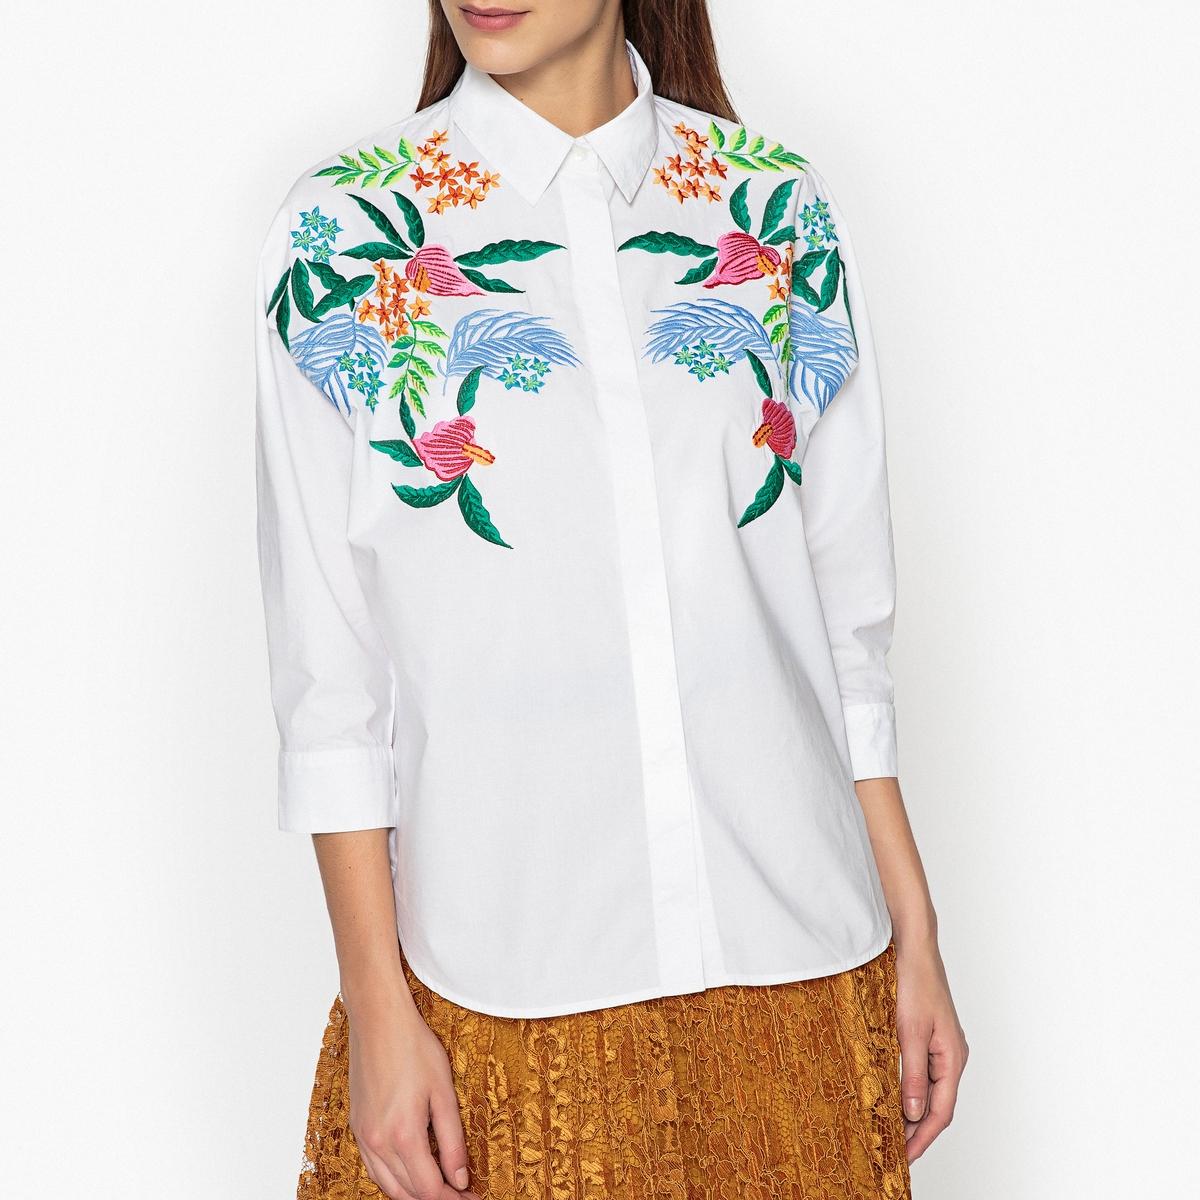 Рубашка с вышивкой OXLEYEMBOОписание:Рубашка с вышивкой ESSENTIEL ANTWERP - модель OXLEYEMBO : яркие цвета в сочетании с рисунком в тропическом стиле .Детали •  Рукава 3/4 •  Воротник-поло, рубашечныйСостав и уход •  100% хлопок •  Следуйте советам по уходу, указанным на этикетке •  Свободный покрой •  Супатная застежка на пуговицы  •  Закругленный низ спереди и сзади  •  Манжеты на пуговицах •  Воротник со свободными кончиками<br><br>Цвет: белый,небесно-голубой